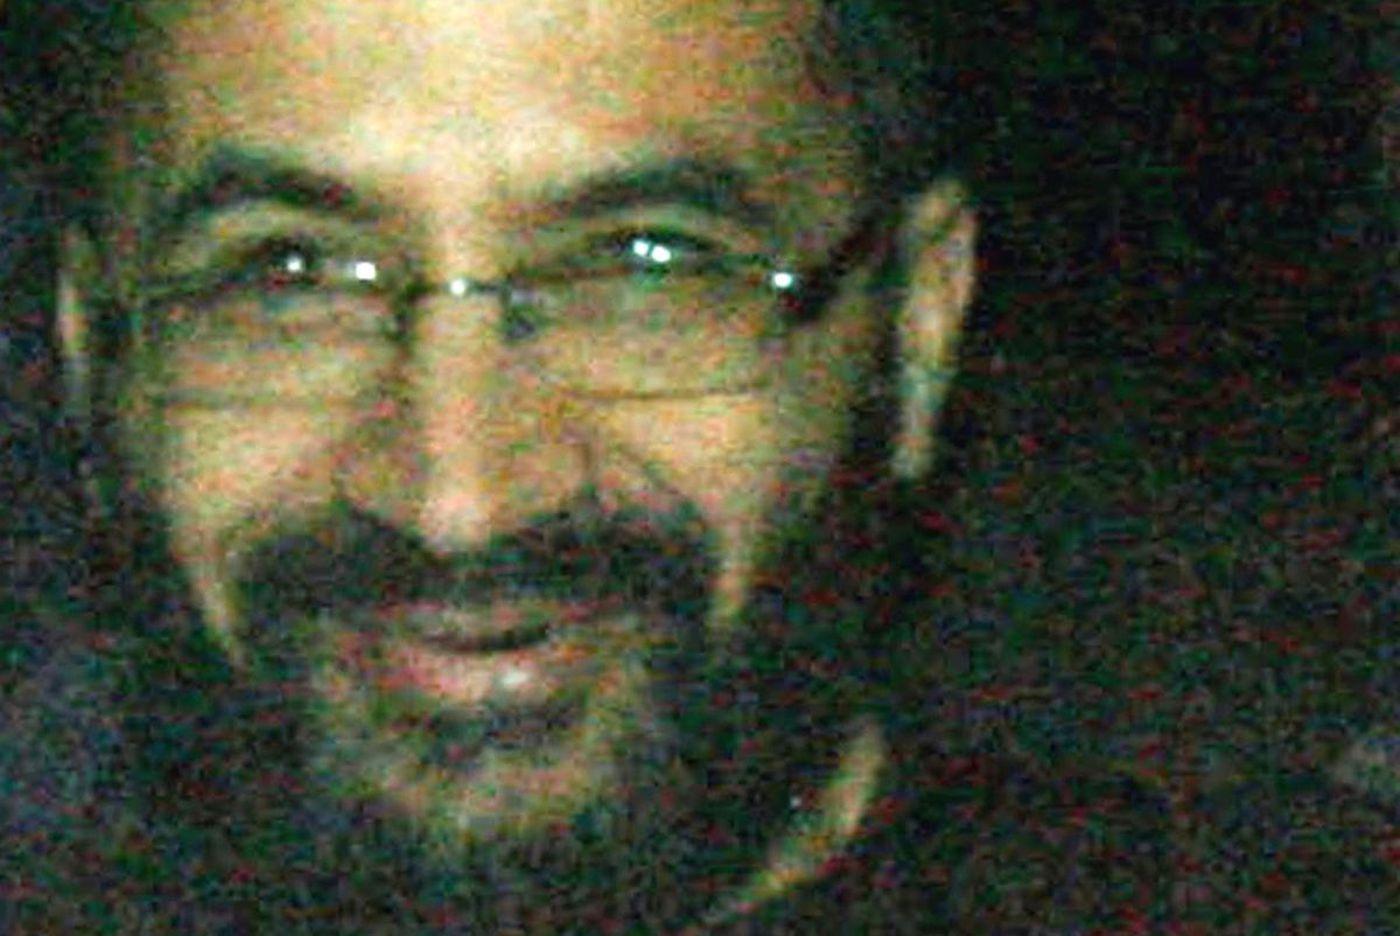 Terrorism suspect in 'Jihad Jane' case pleads not guilty